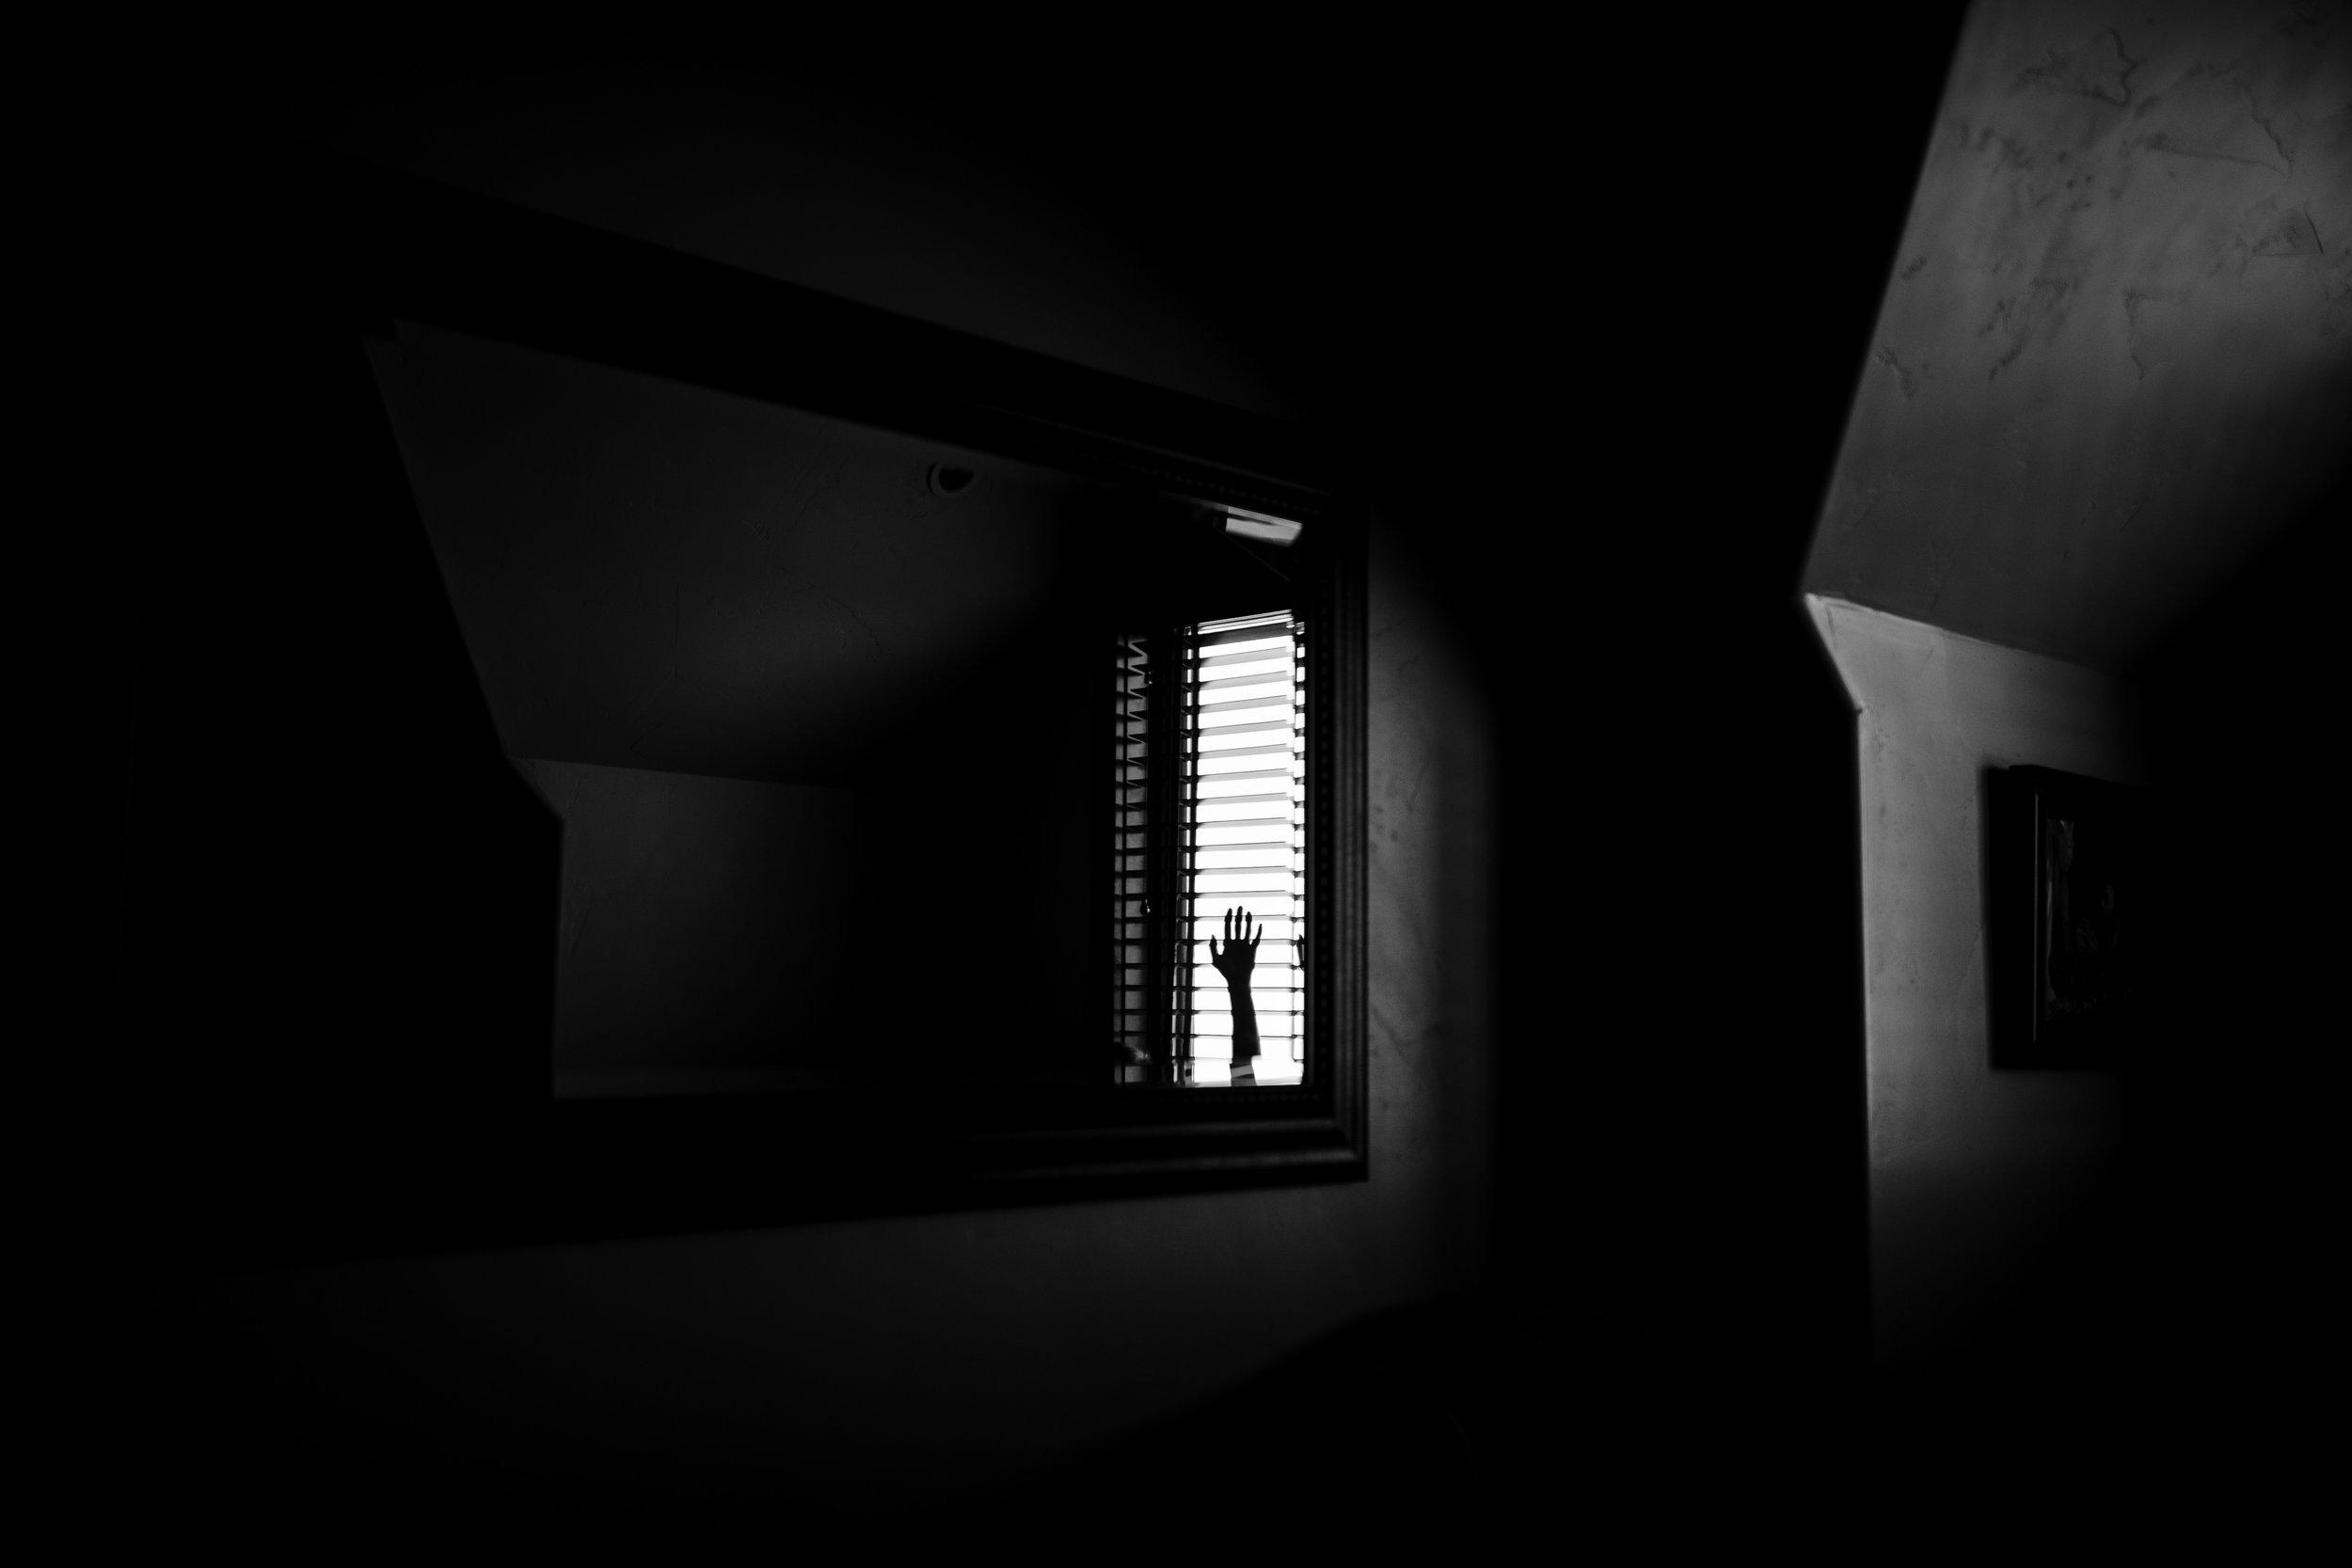 emotive-photographer-jessica-max-april-7.jpg